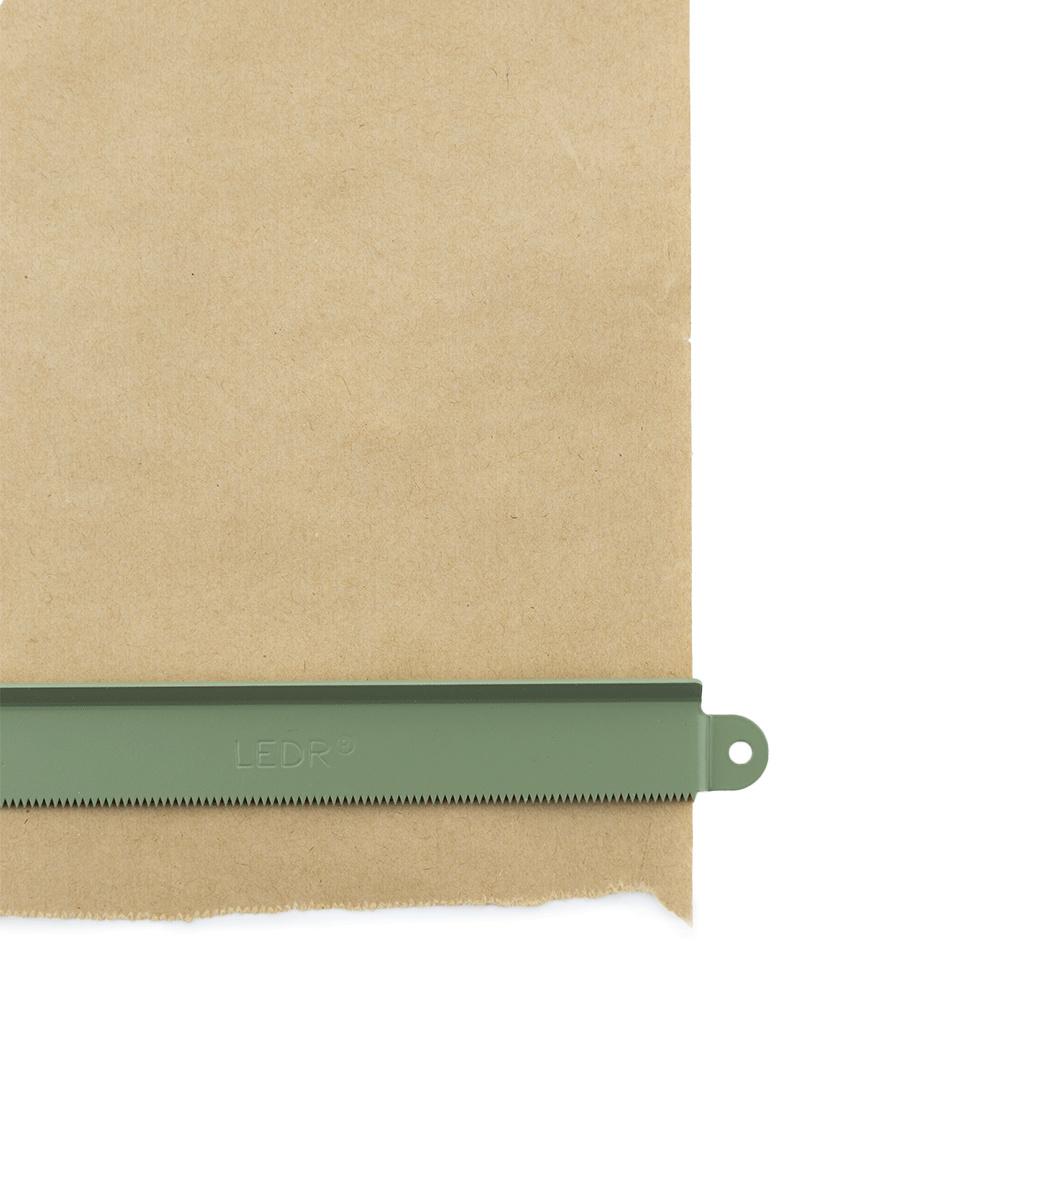 Kraft paper roller XL - Green-4